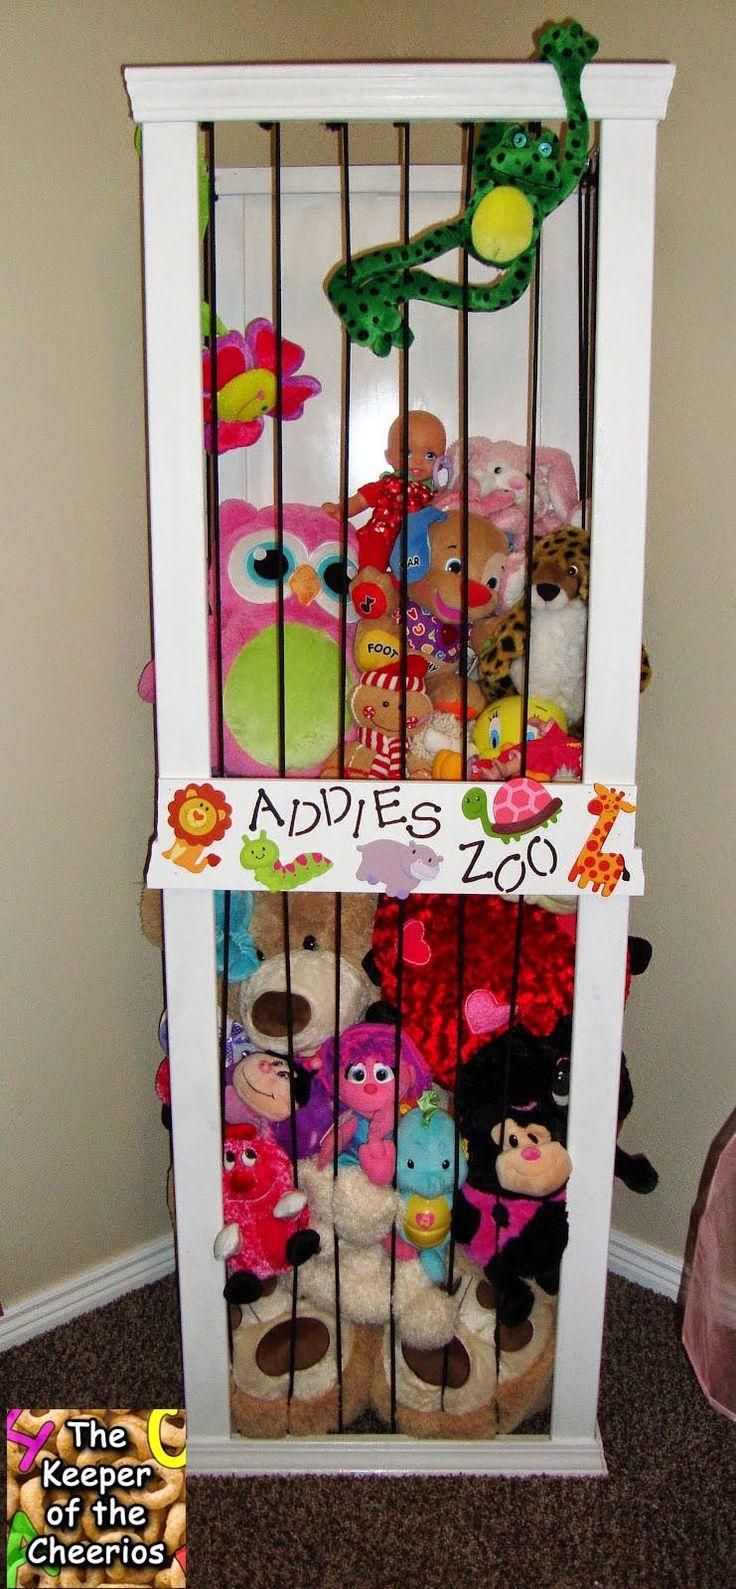 Best 25 Stuffed Animal Holder Ideas On Pinterest Stuff